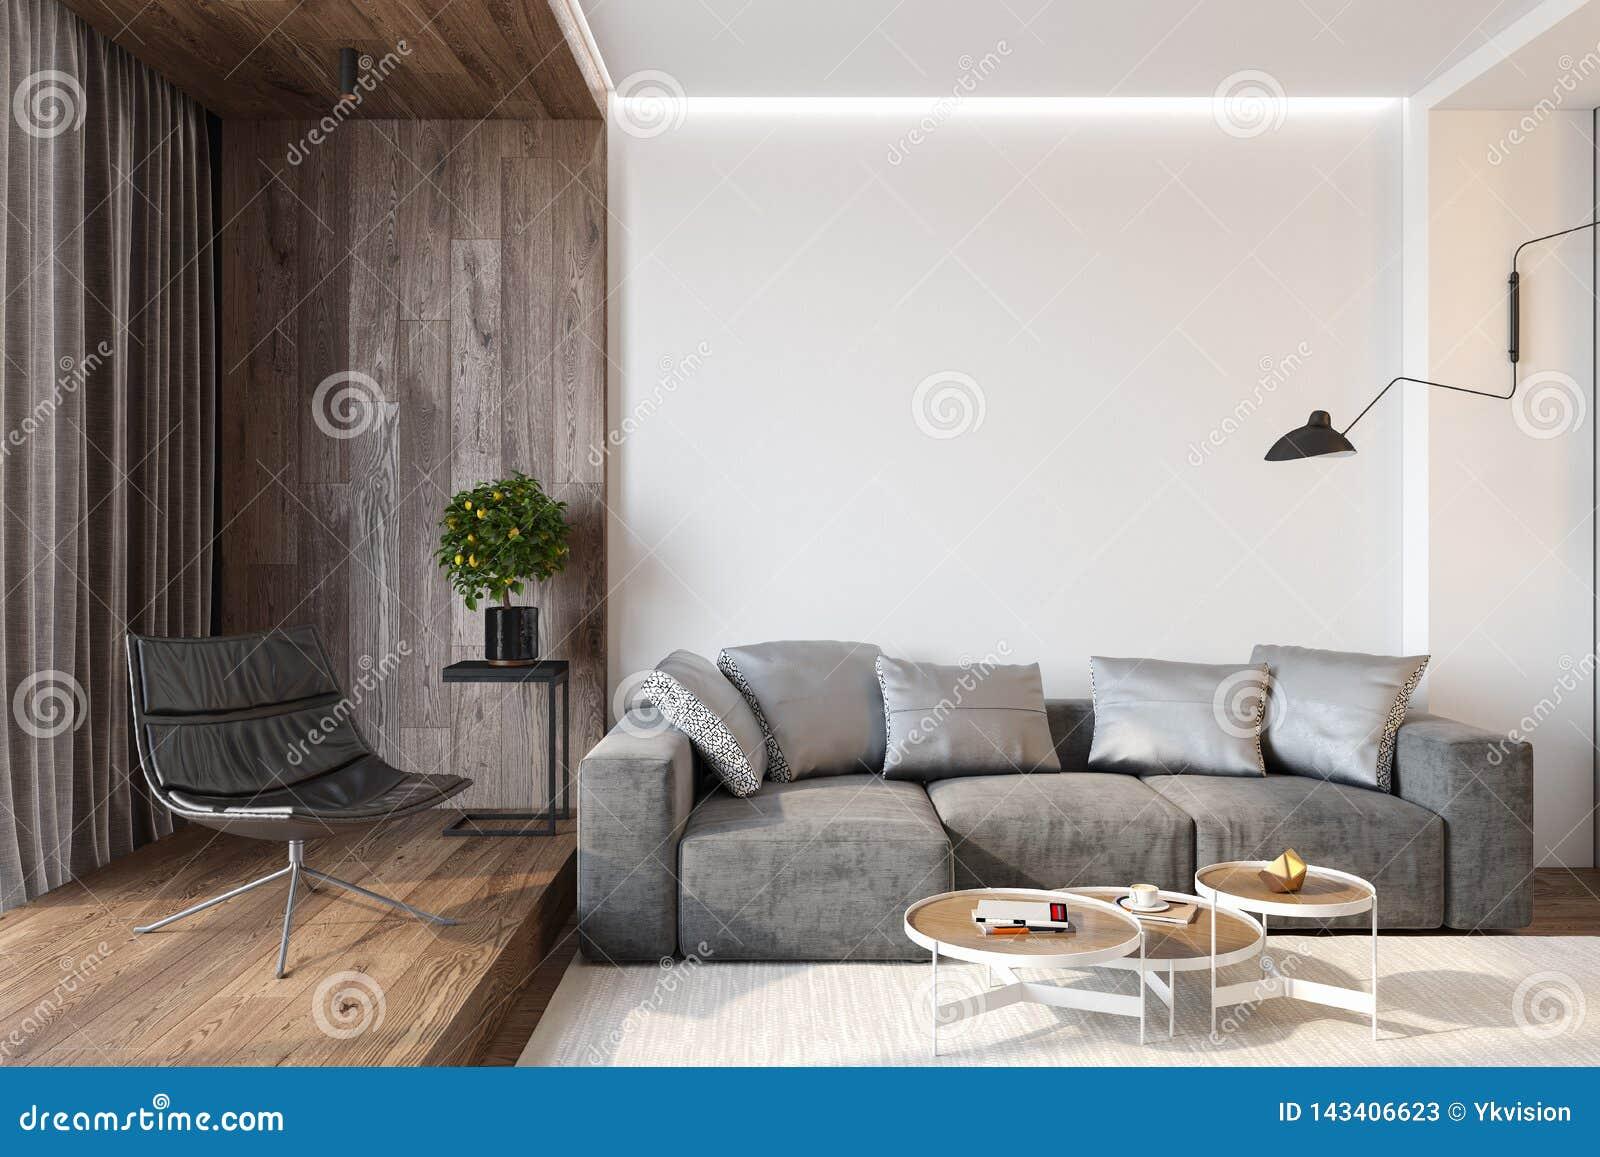 Intérieur moderne de salon avec le mur vide, le sofa, la chaise longue, la table, le mur en bois et le plancher